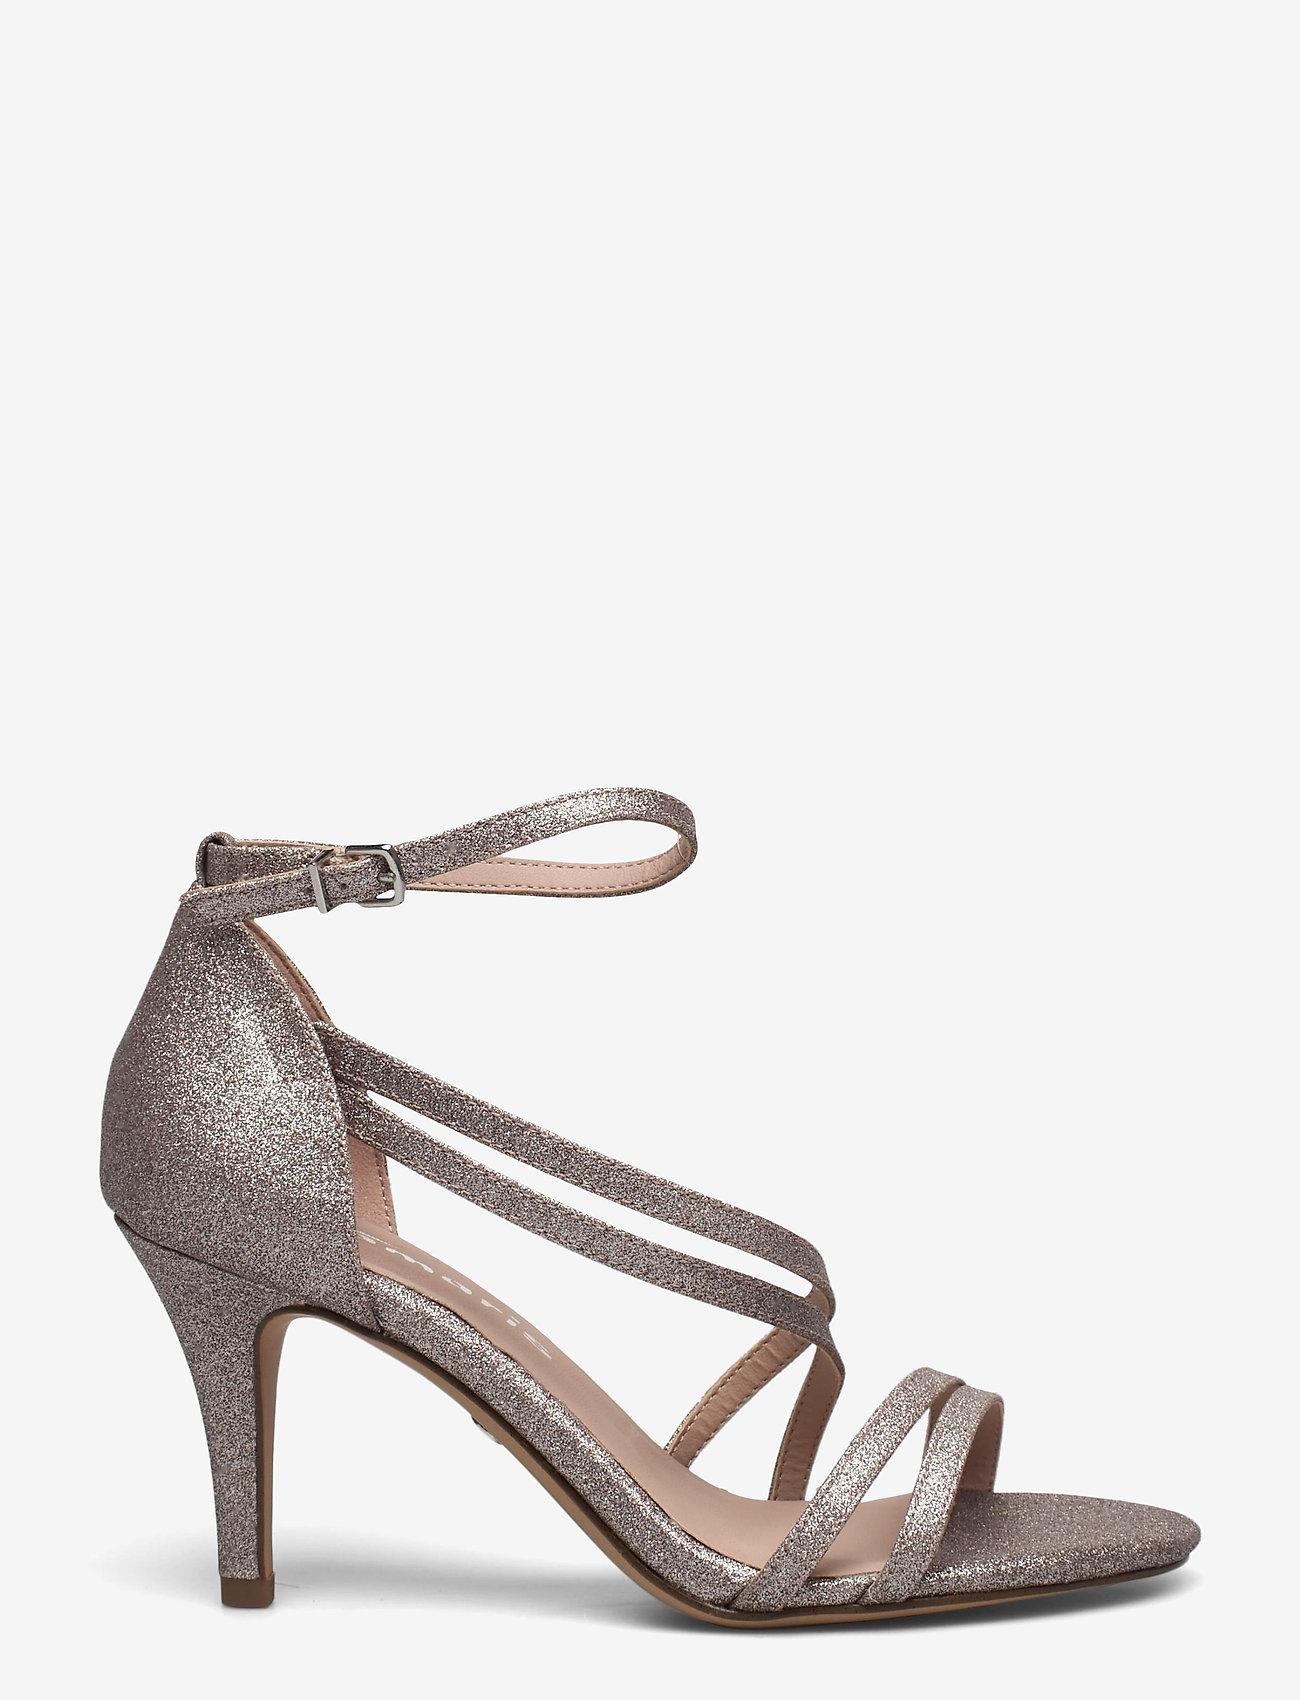 Tamaris - Woms Sandals - augstpapēžu sandales - space glam - 1